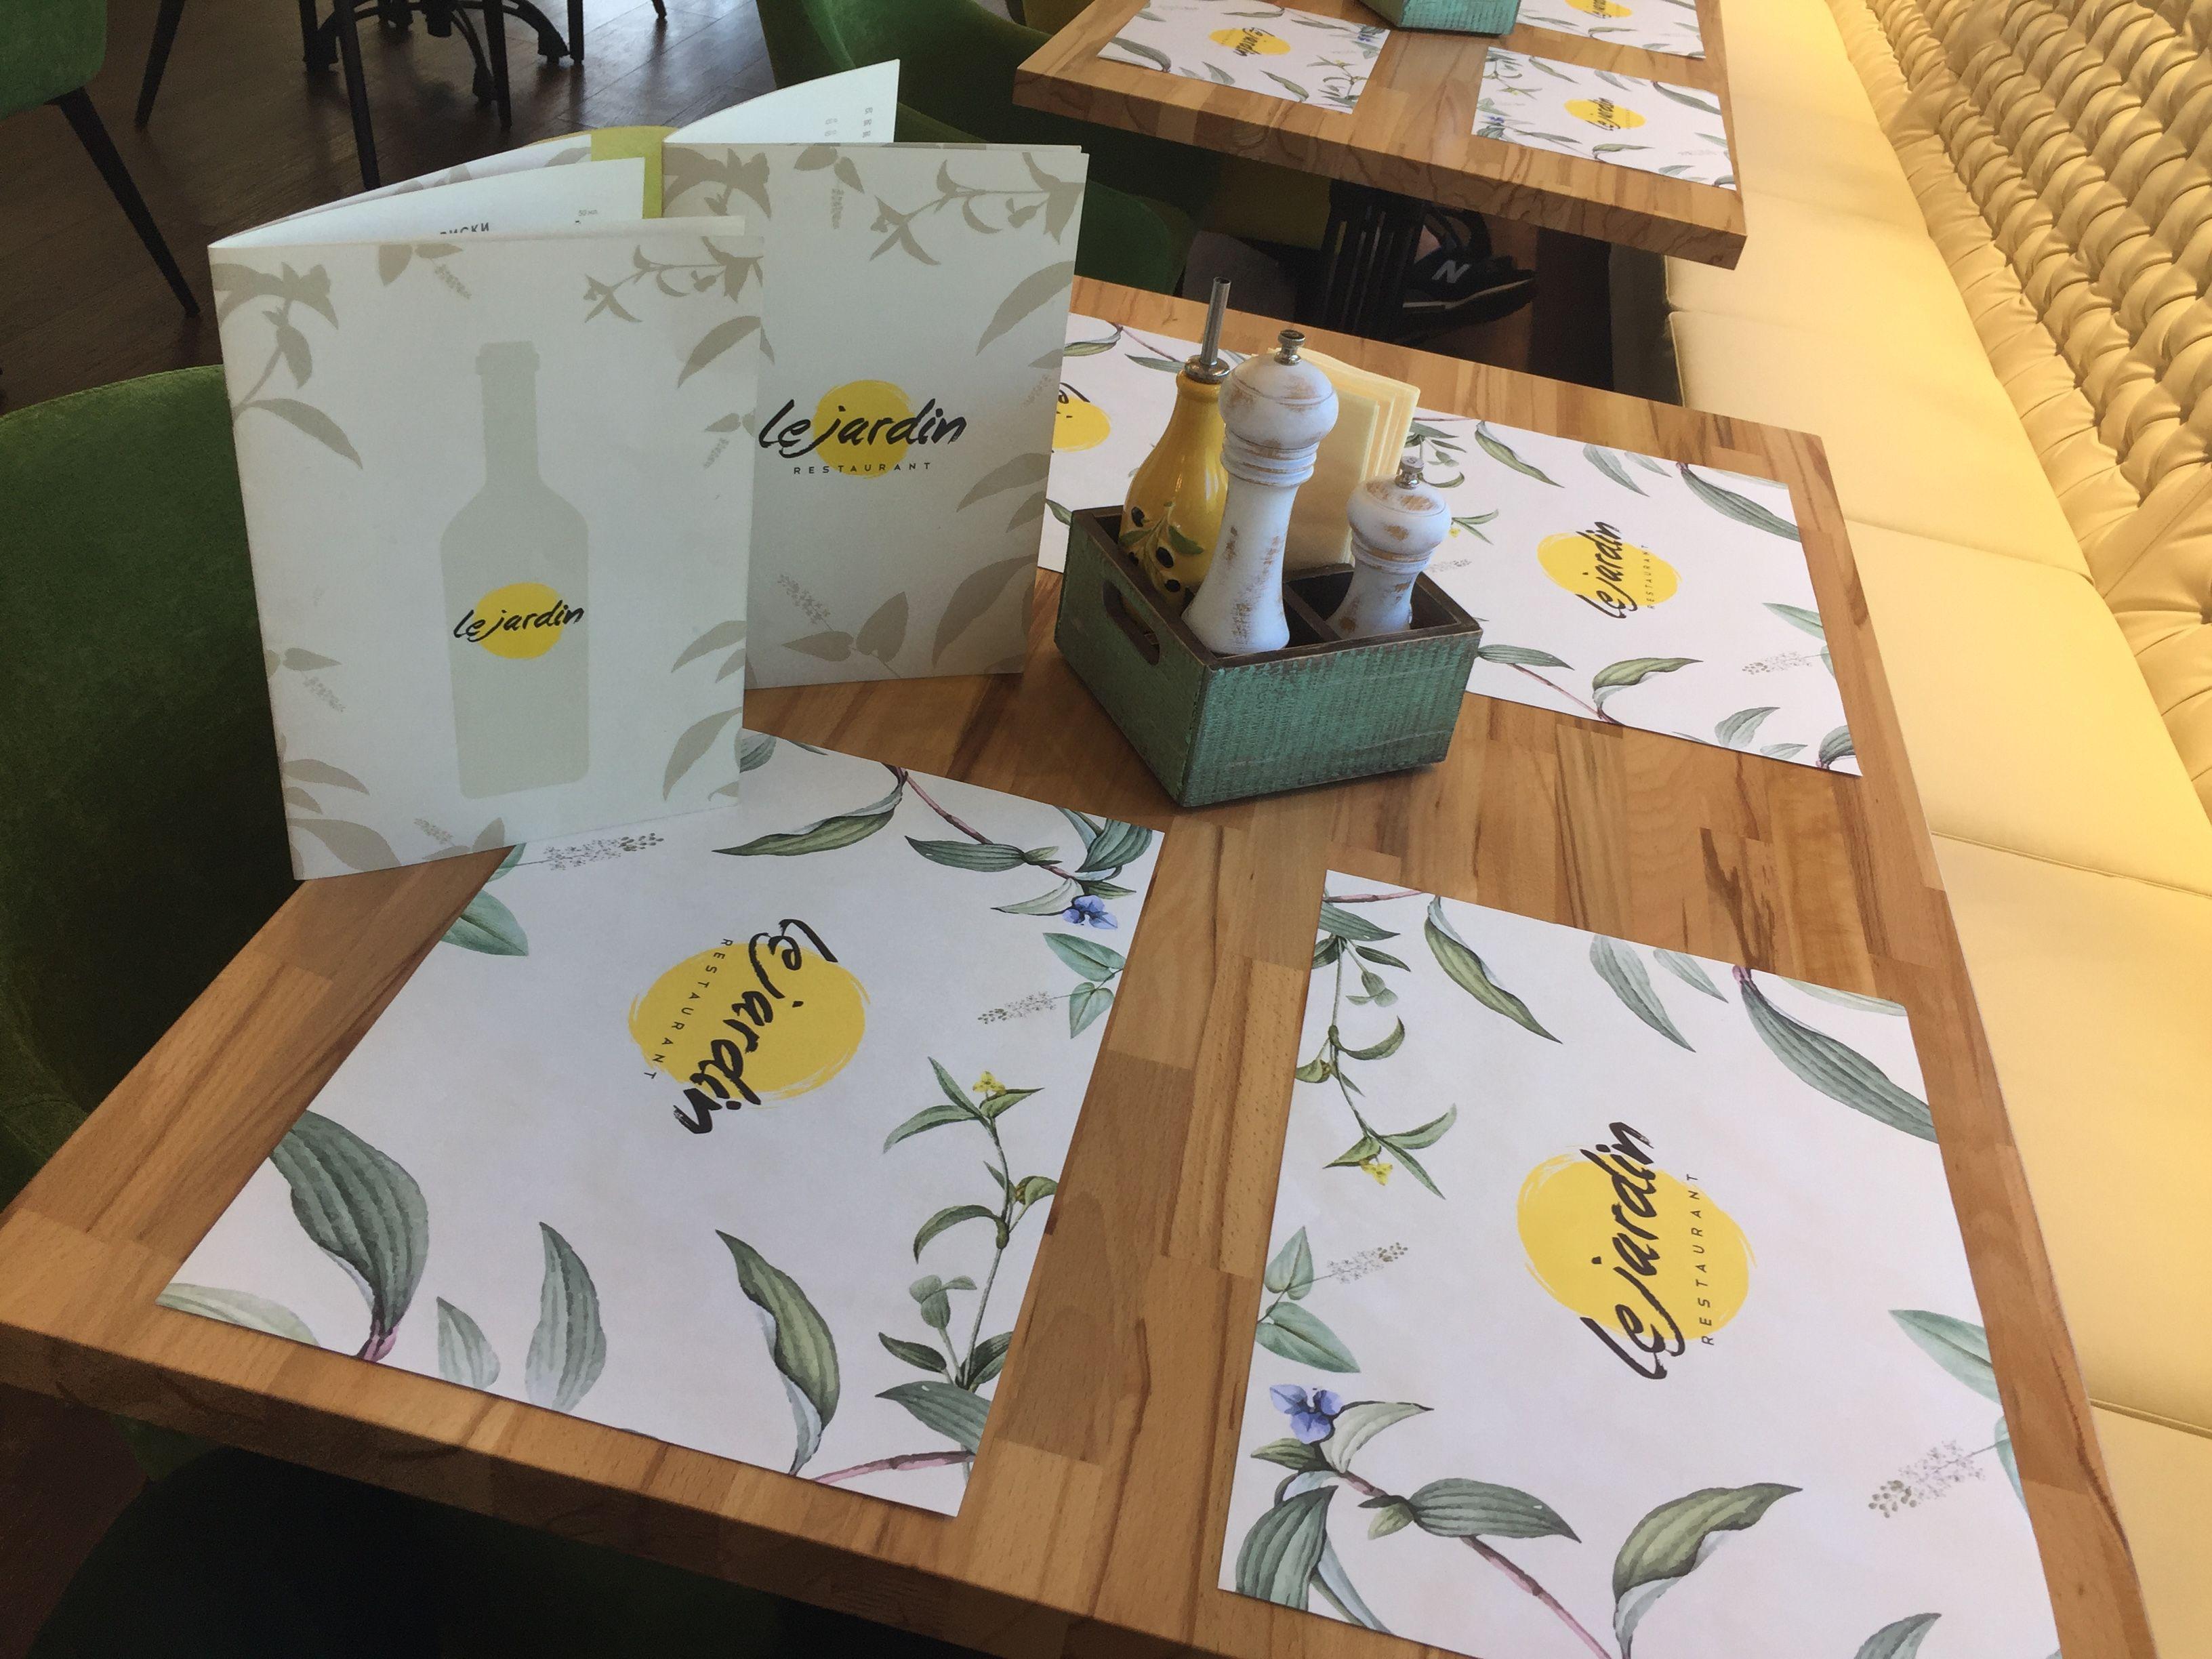 Таблички, интерьерные вывески, дизайн, проектирование, интерьерное оформление, ресторан, Le Jardin, реклама, логотип